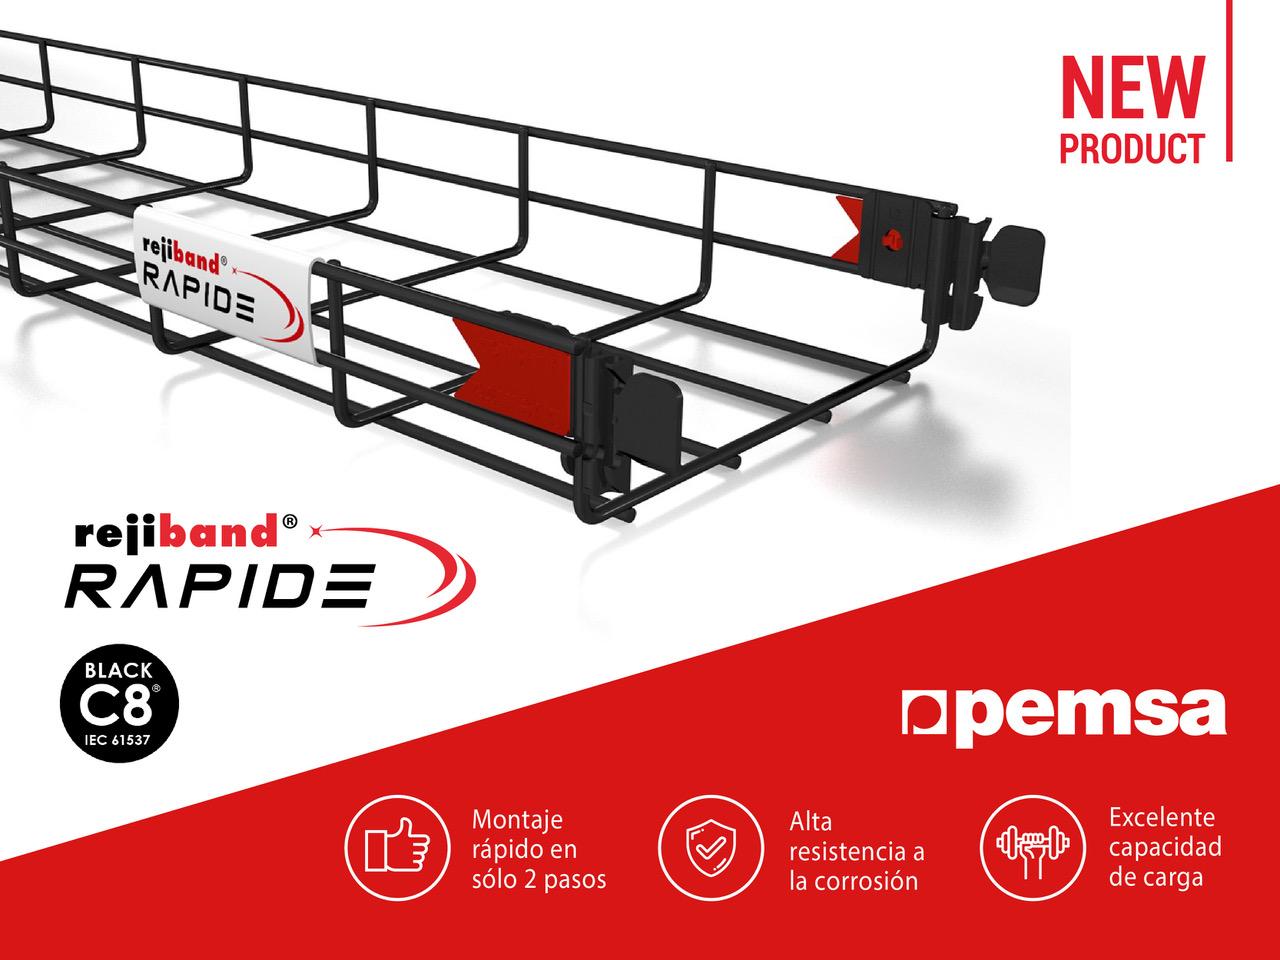 Rejiband Rapide Black C8, El Nuevo Lanzamiento de Pemsa